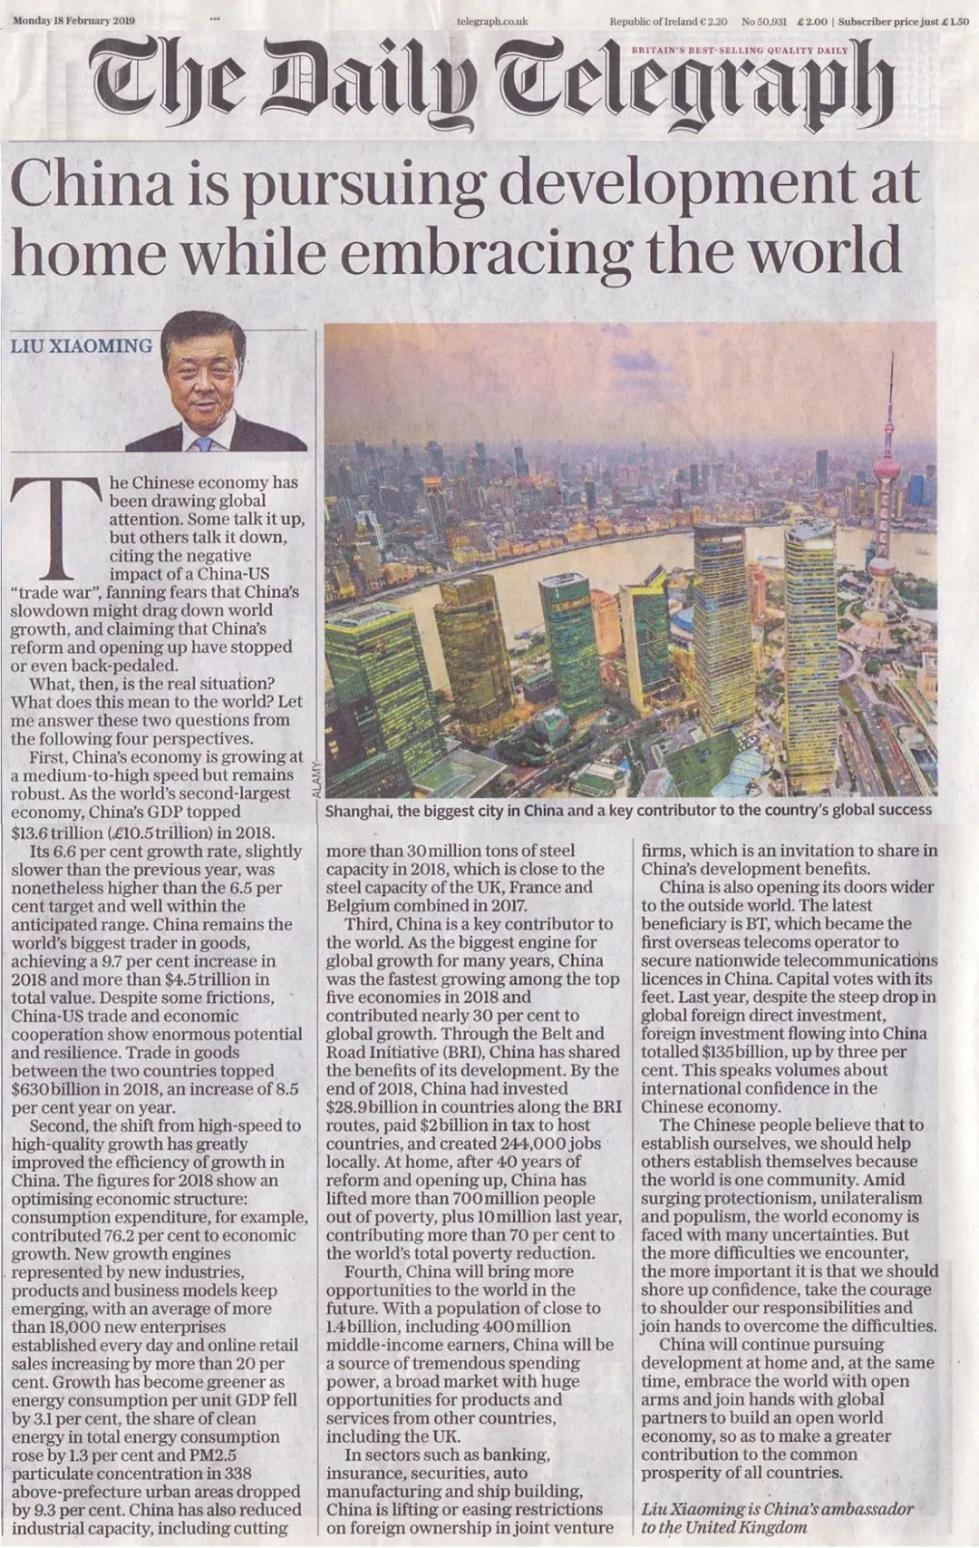 刘晓明大使在英媒发表署名文章《中国经济发展依然强劲,将给世界带来更多机遇》